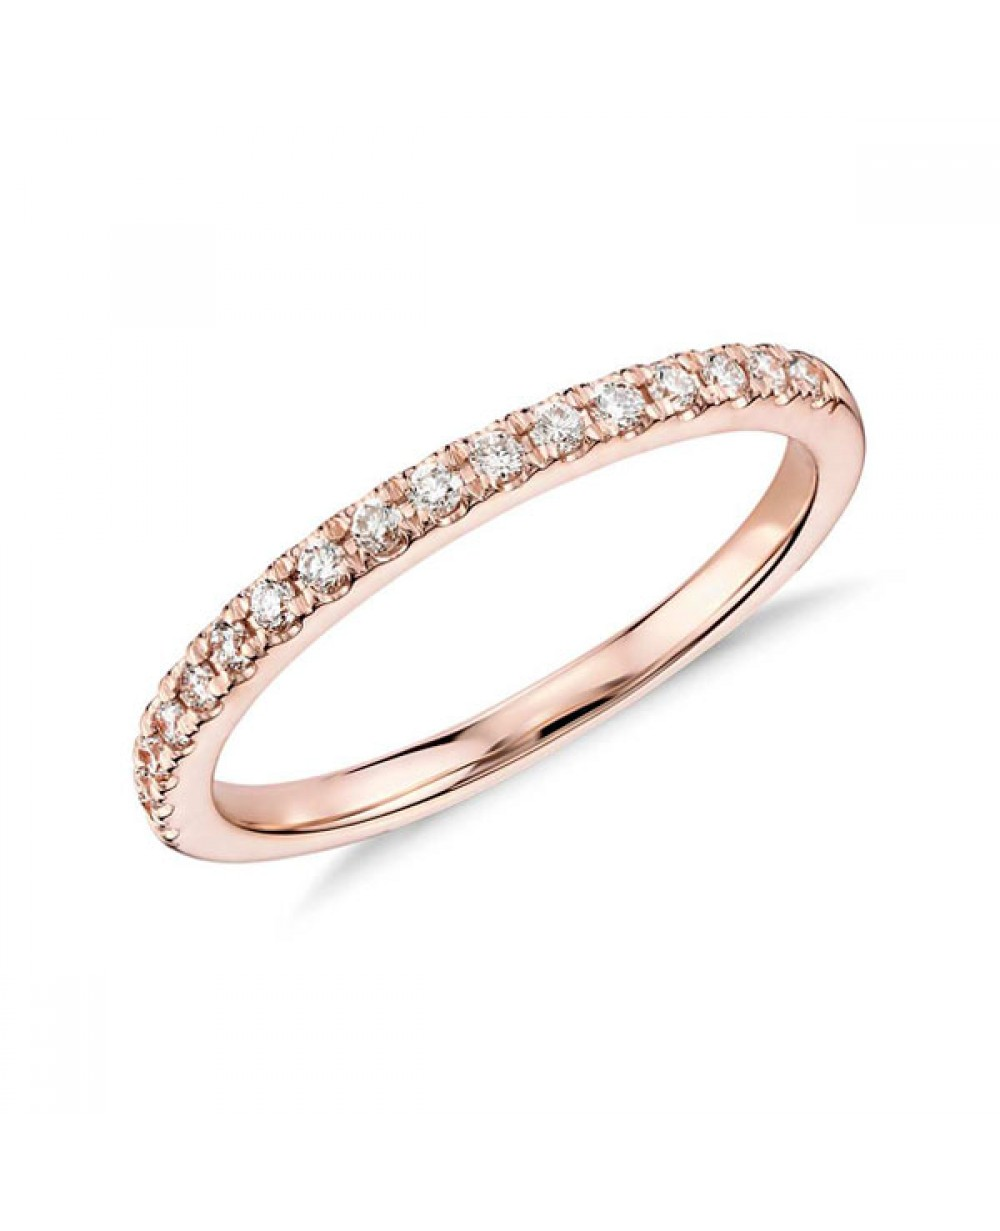 23c7a7ad1734e Mais Imagens. Meia Aliança em Ouro Rosé 18K e Diamantes lapidação brilhante